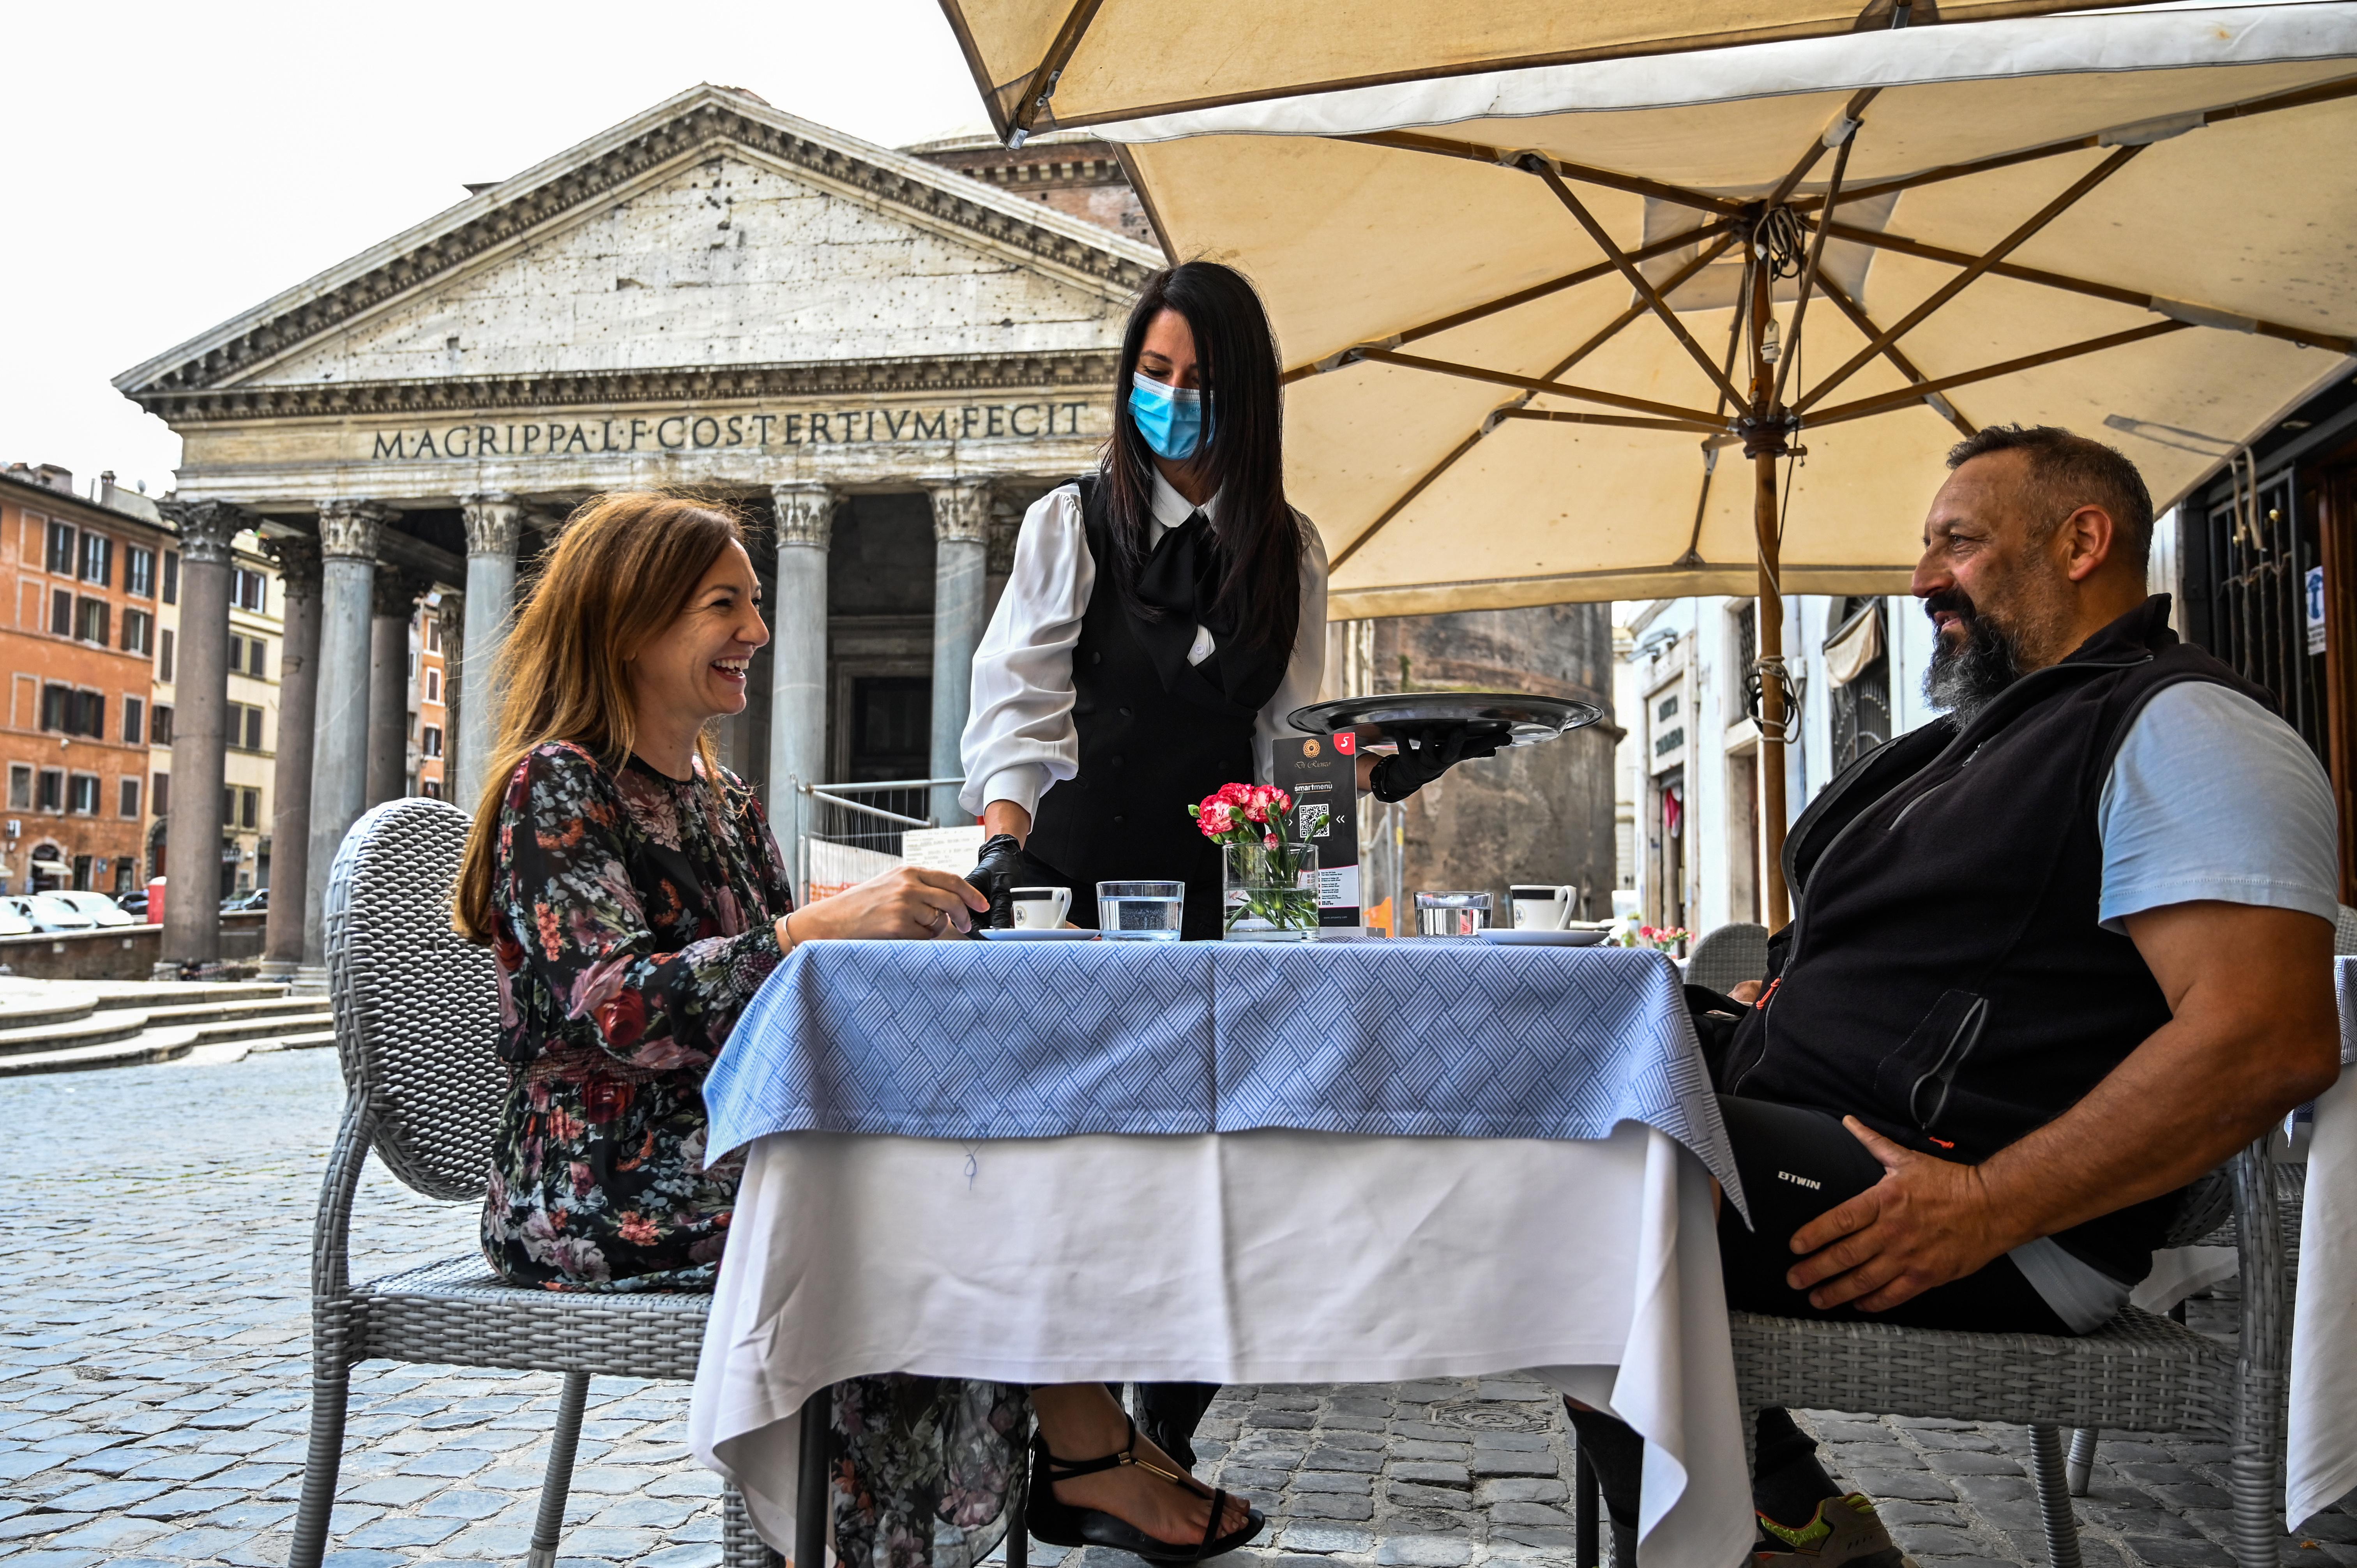 Una camarera sirve a dos clientes en un café frente al Pantheon en Roma (Andreas Solaro/ AFP)